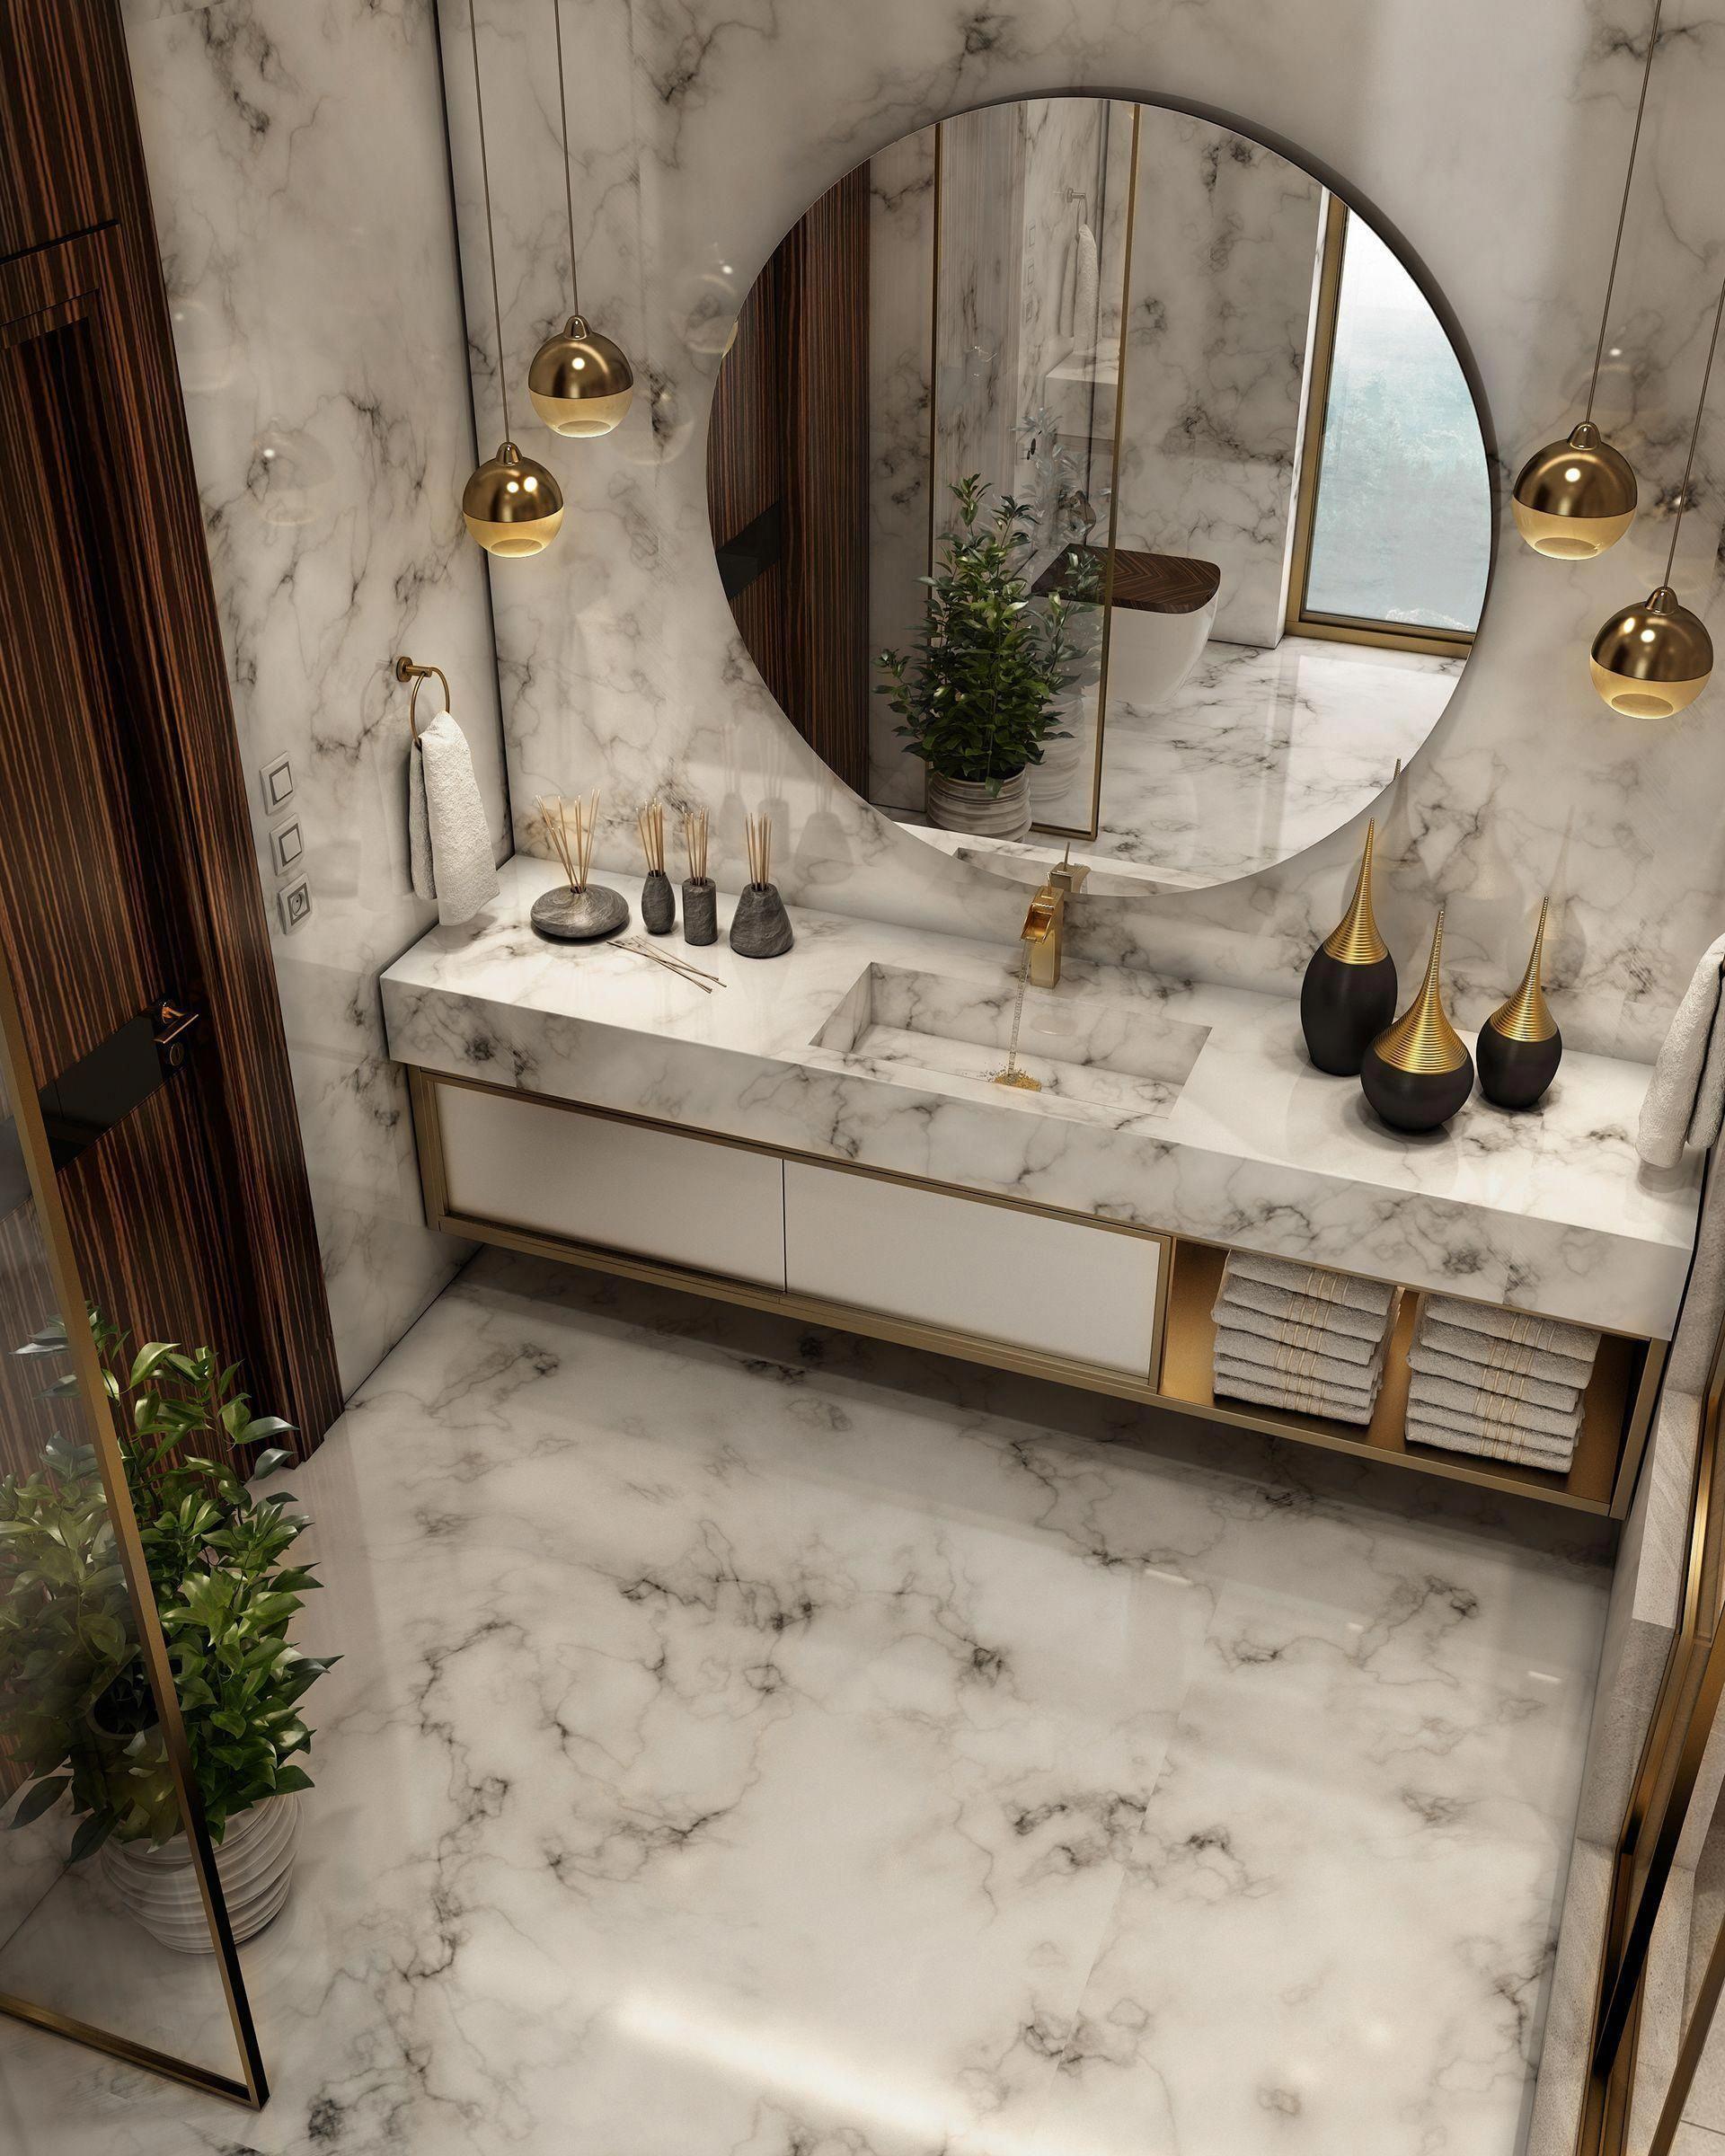 Bathroom Mirrors Knoxville Tn #luxurybathroomgifts  Bathroom